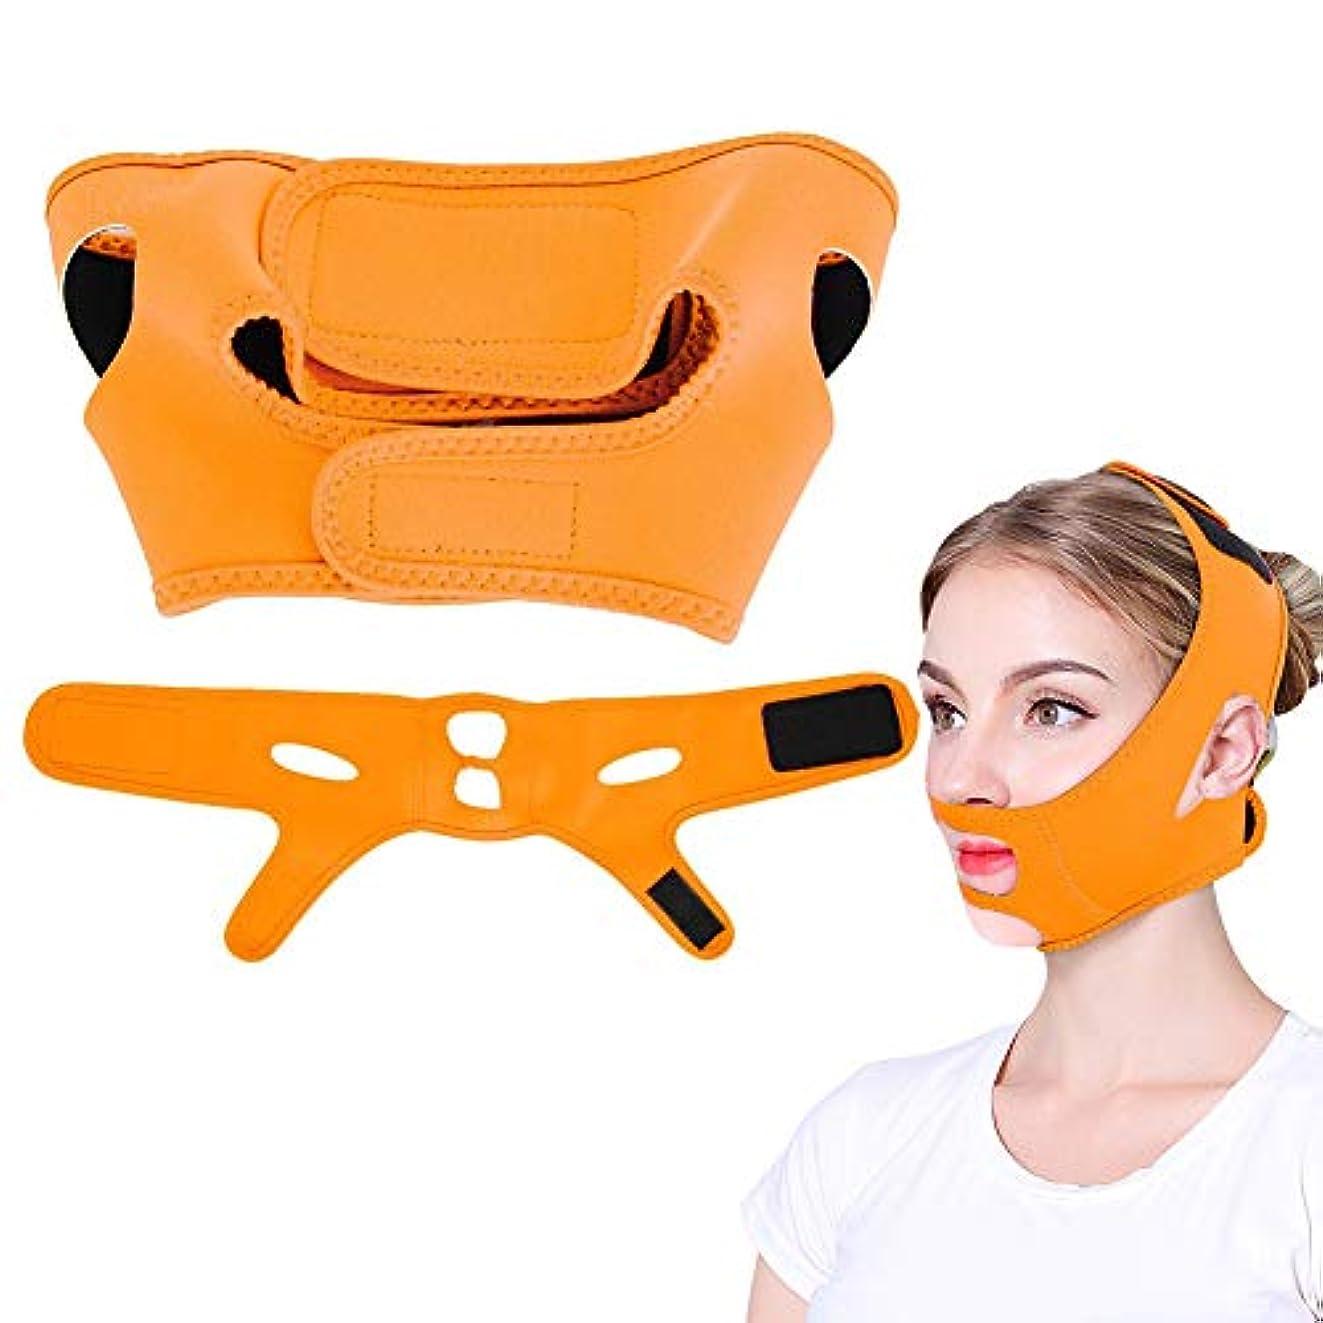 シンク大声で広範囲にフェイススリミング包帯小 顔 美顔 矯正、顎リフト フェイススリミングマスク (オレンジ)